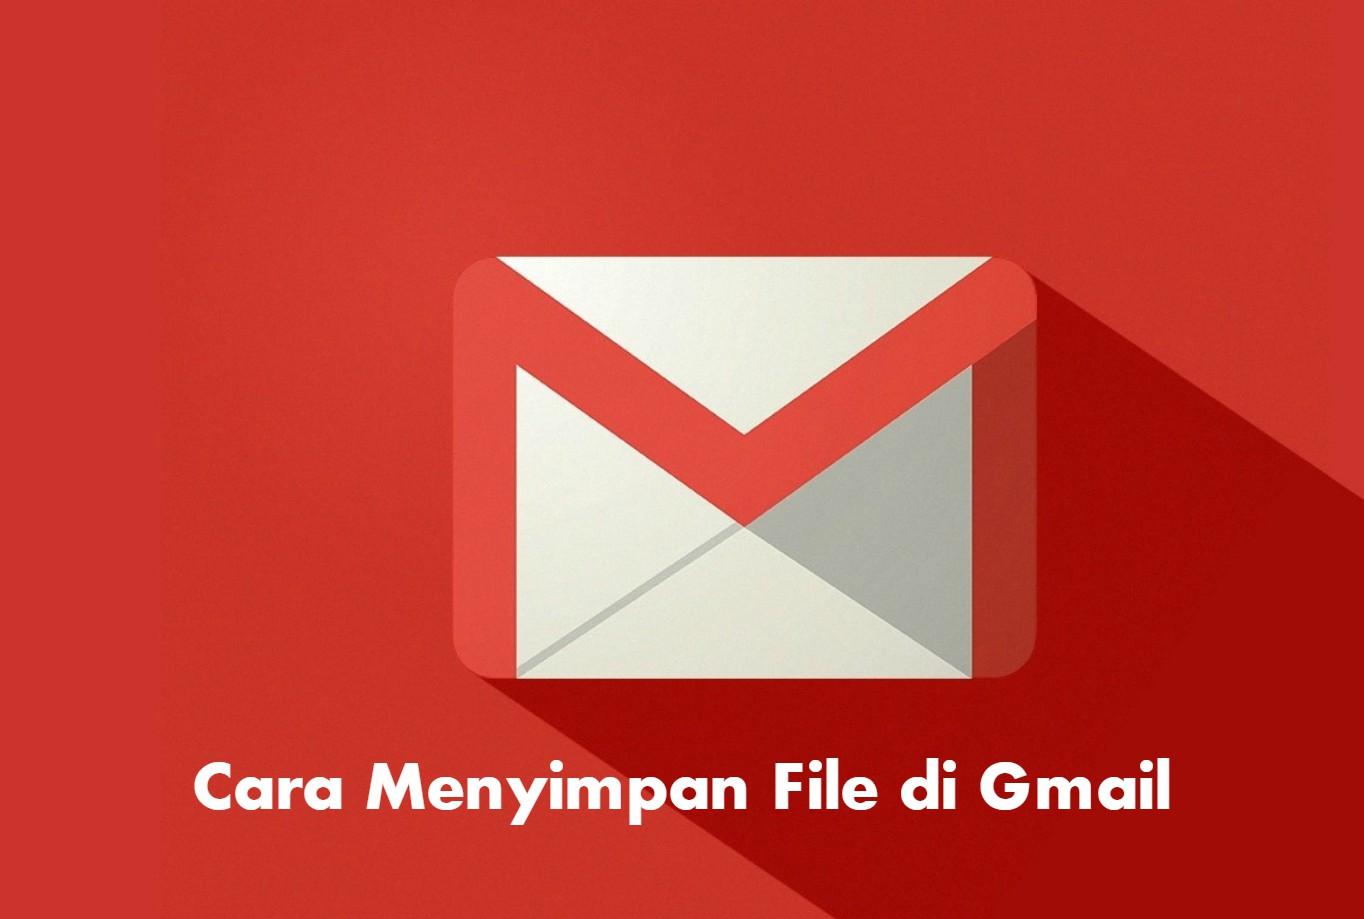 cara-menyimpan-file-di-gmail